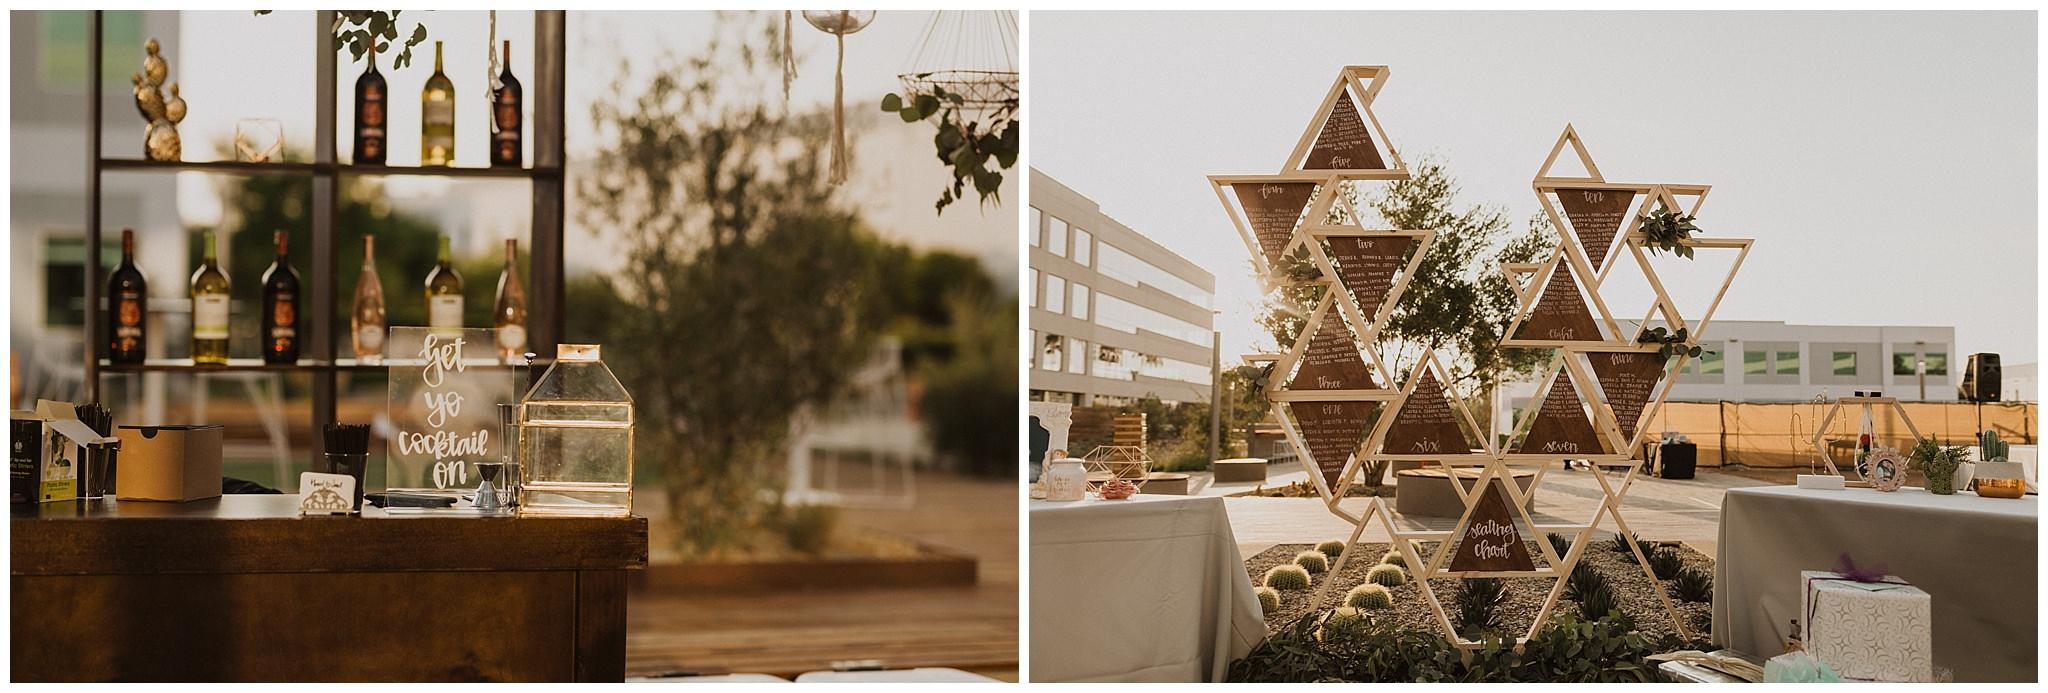 honolulu-wedding2.jpg